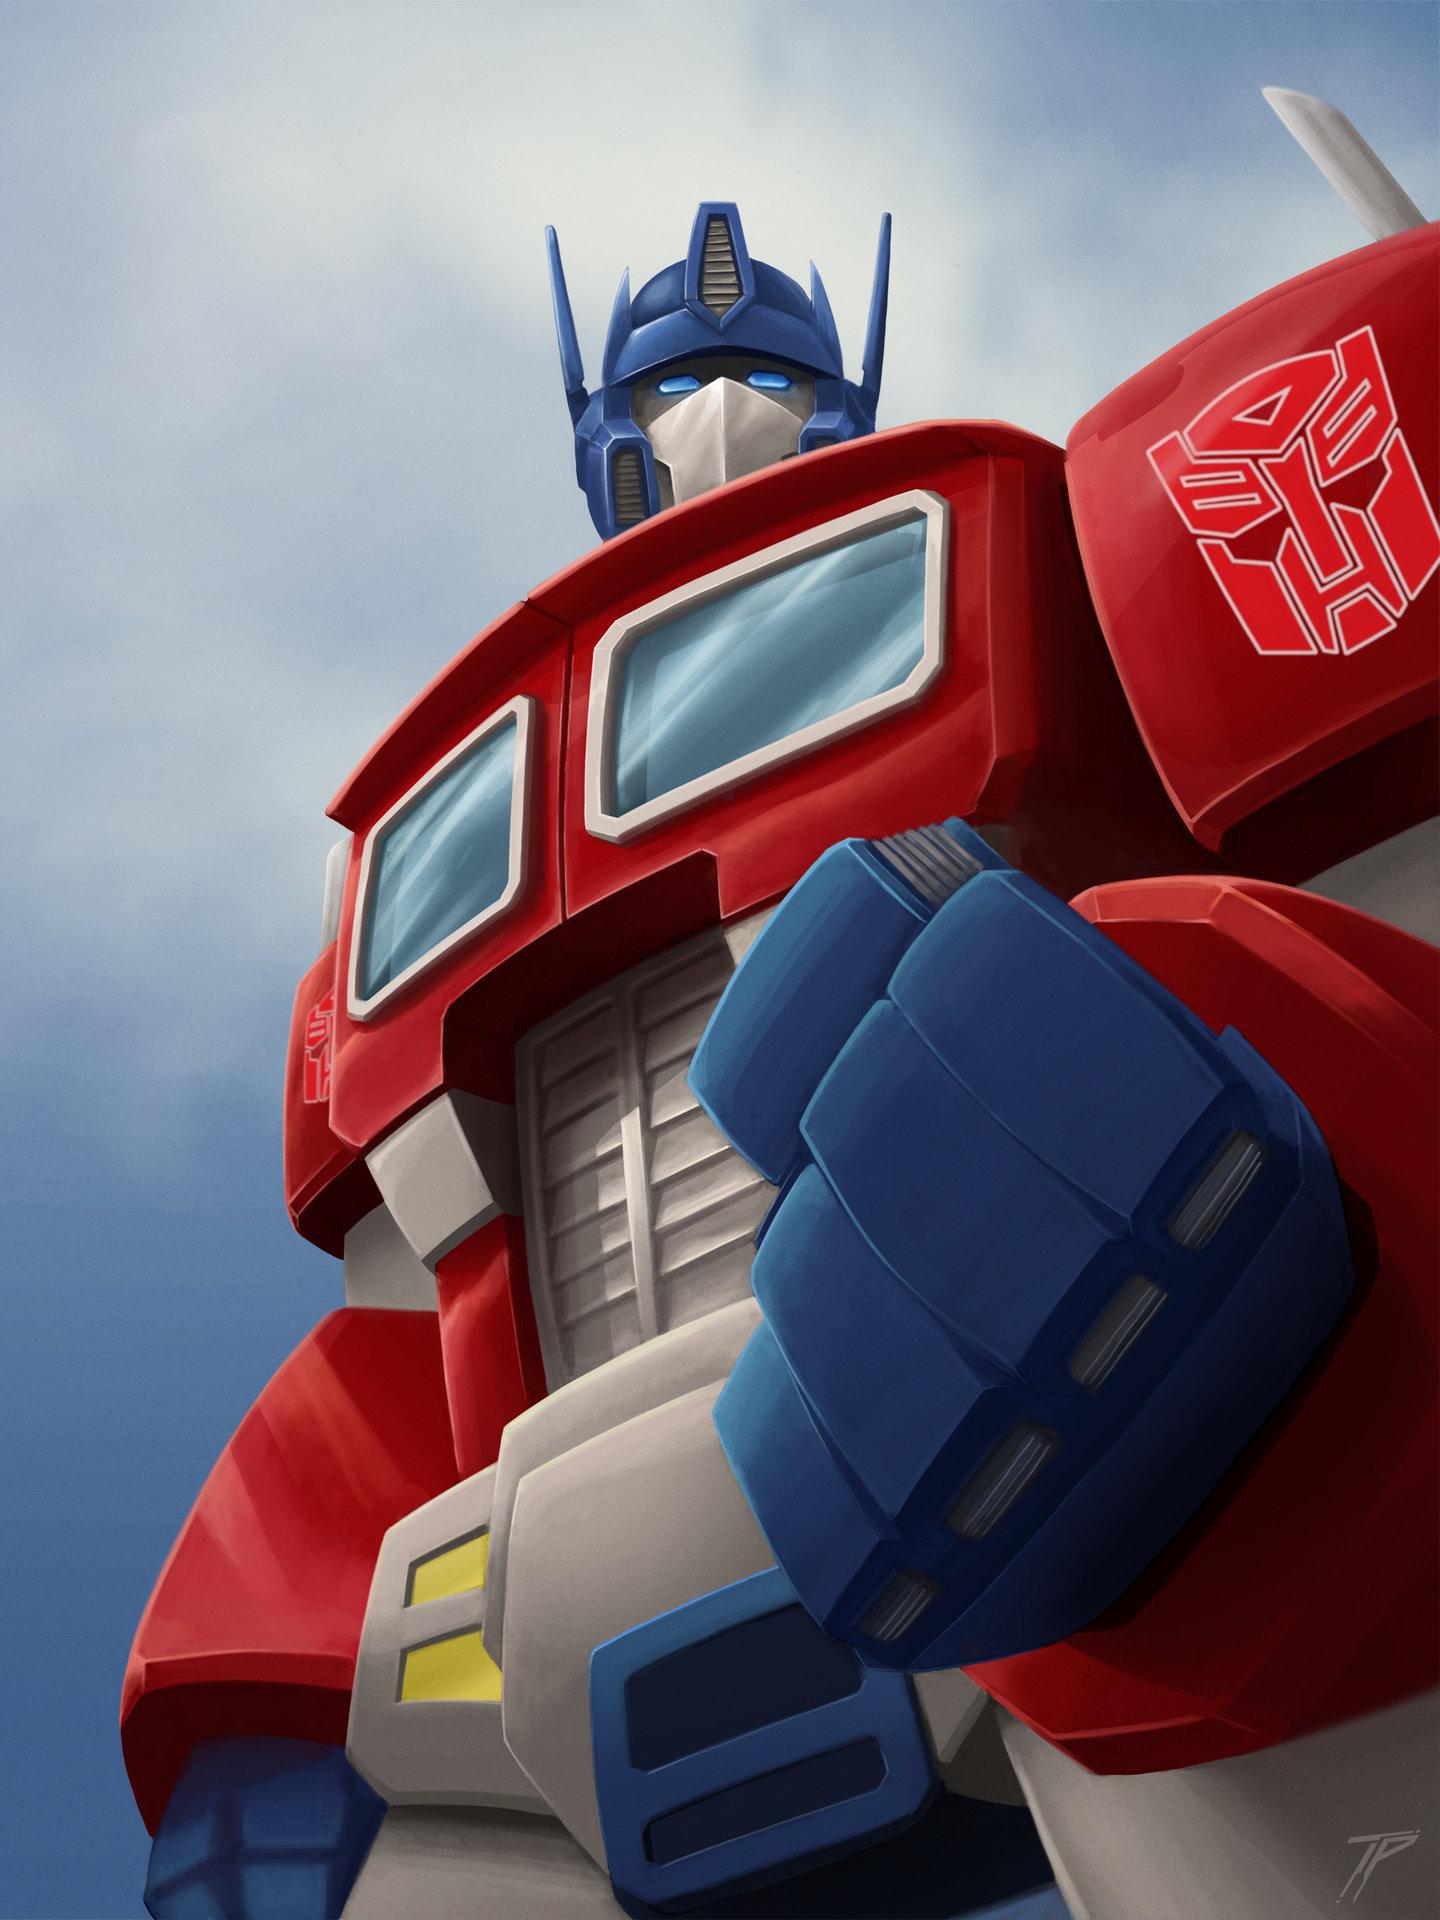 Optimus prime midres